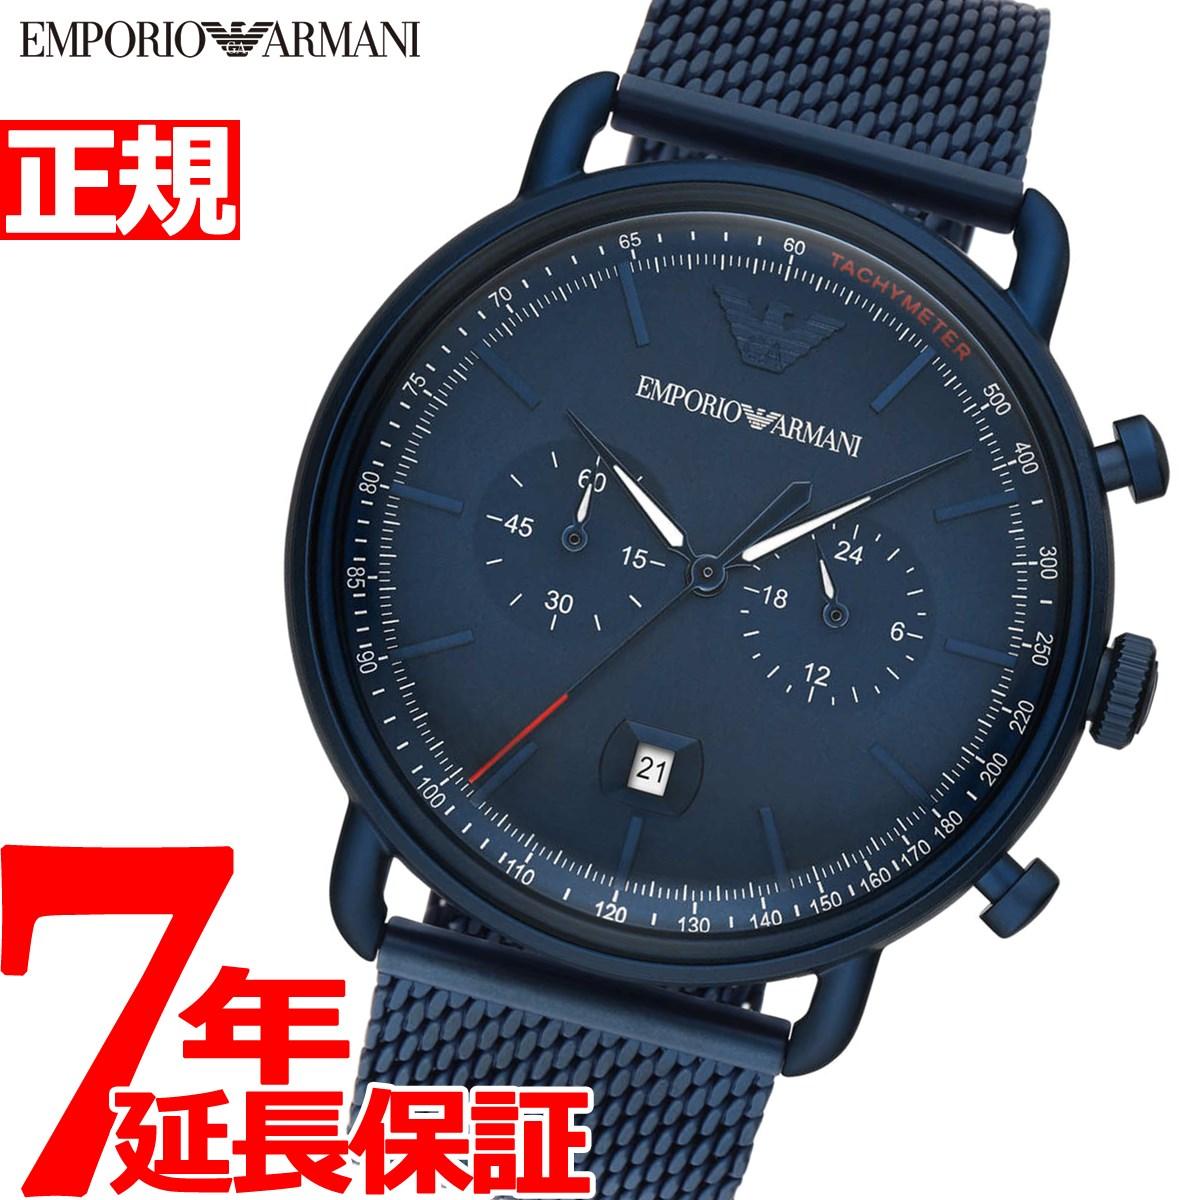 【5日0時~♪10%OFFクーポン&店内ポイント最大51倍!5日23時59分まで】エンポリオアルマーニ EMPORIO ARMANI 腕時計 メンズ クロノグラフ AR11289【2020 新作】